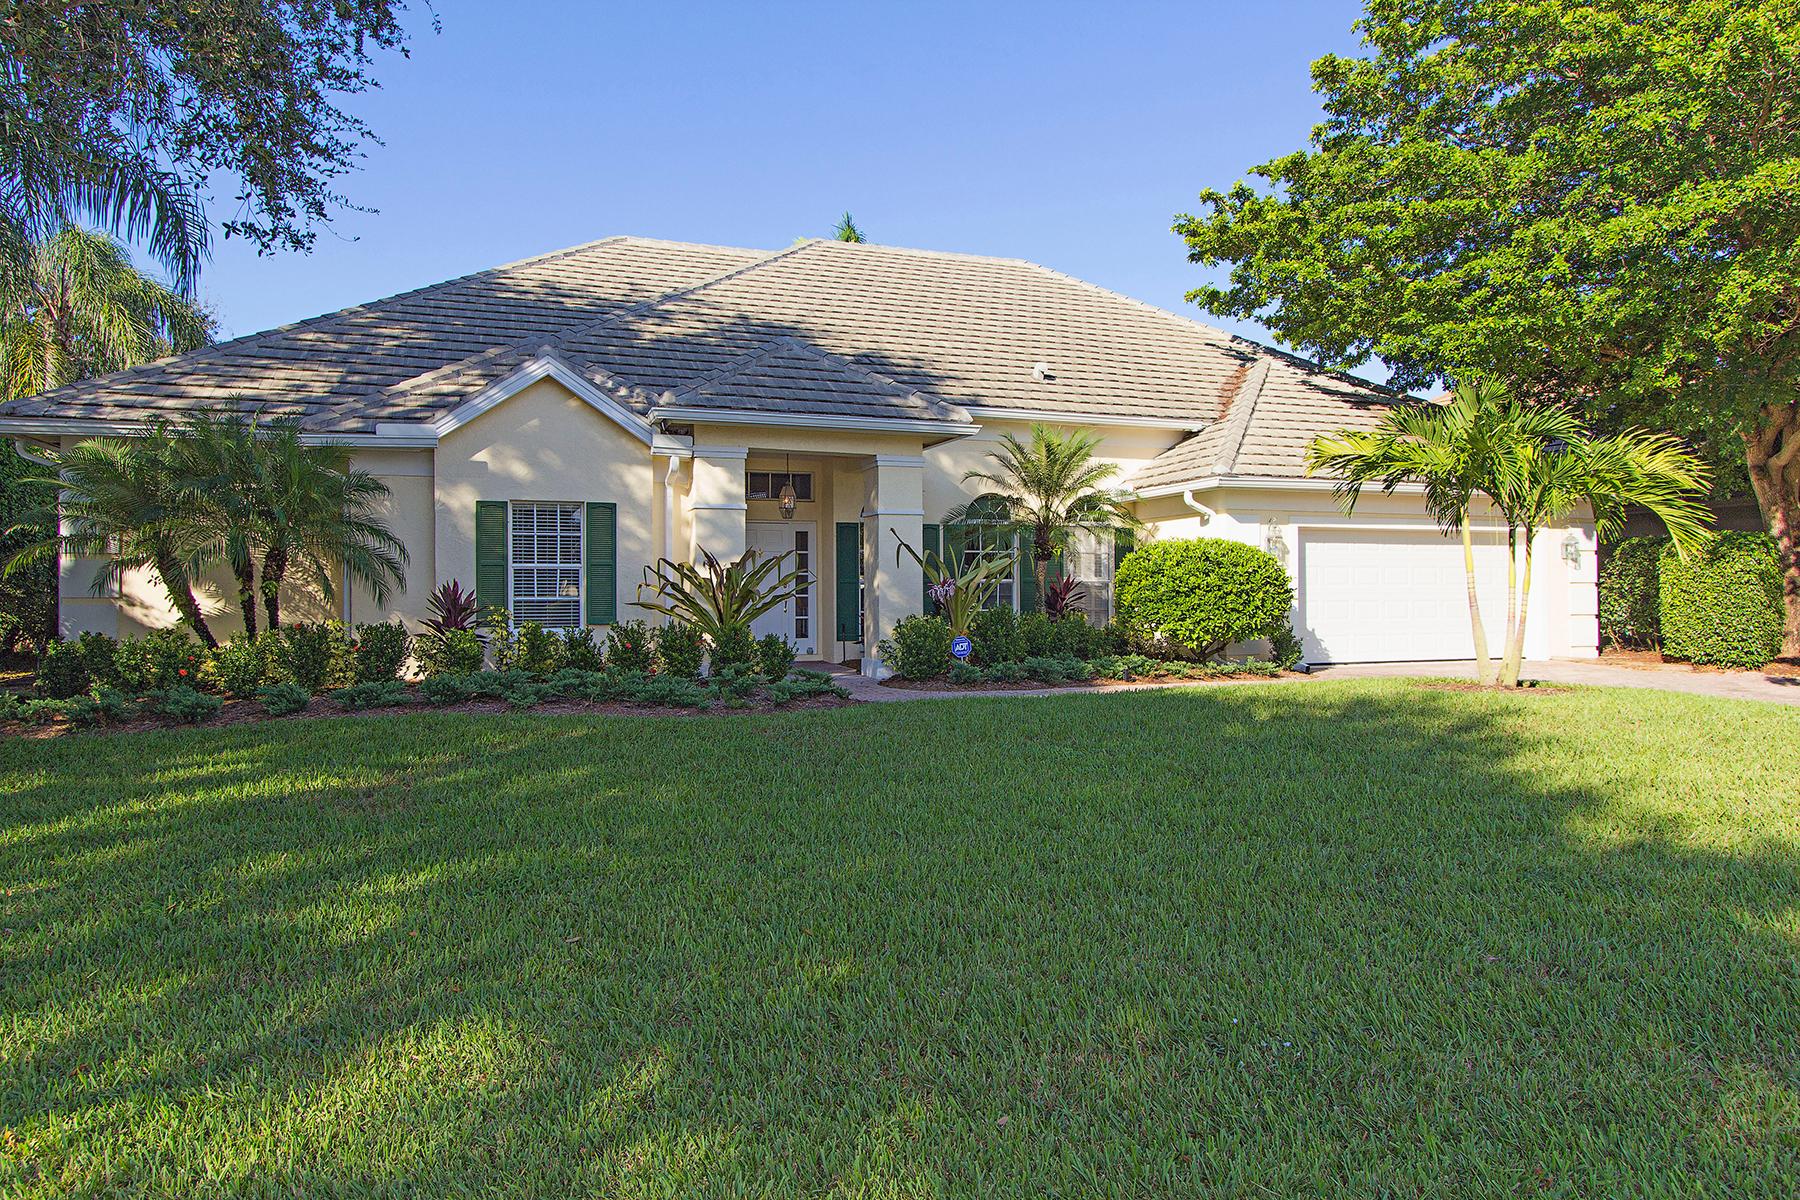 独户住宅 为 销售 在 Pelican Bay 707 Willowwood Ln Naples, 佛罗里达州 34108 美国